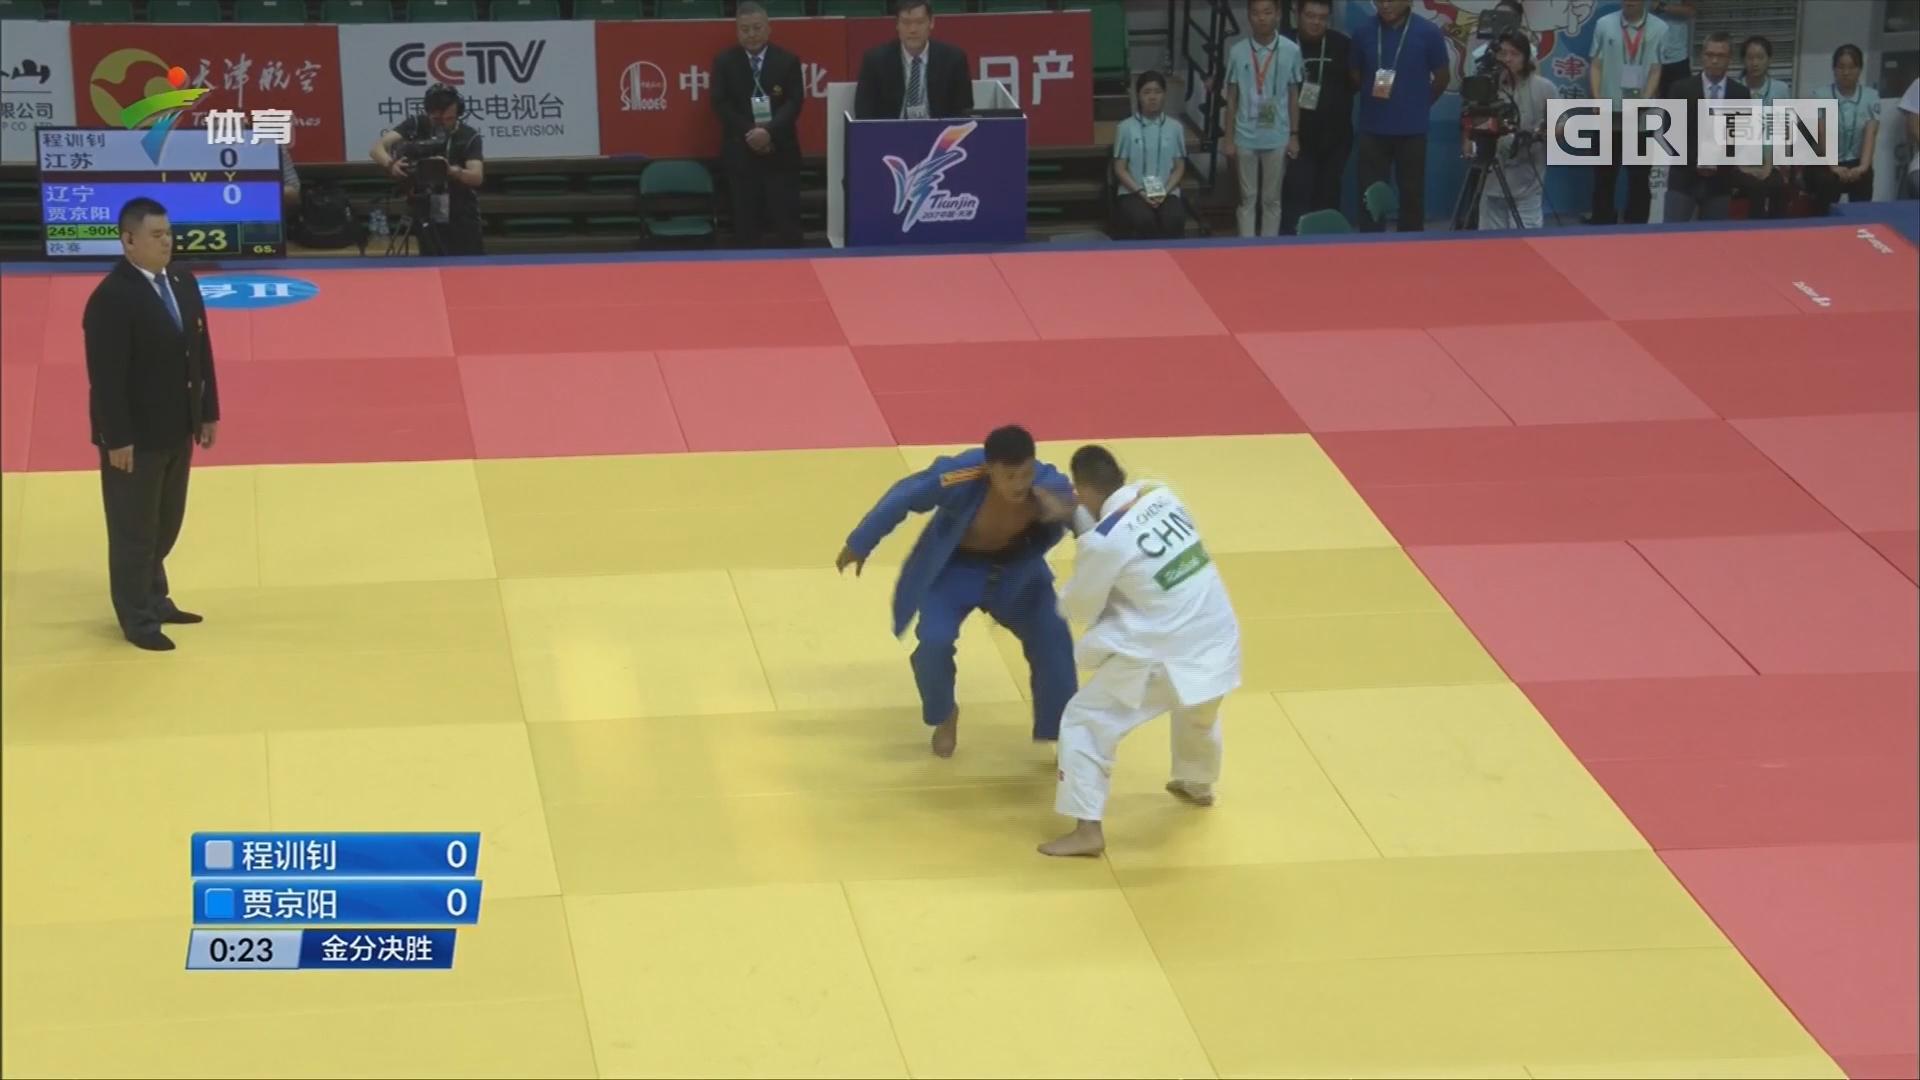 全运柔道 内蒙古、江苏分获男子81公斤以下级、90公斤以下级冠军